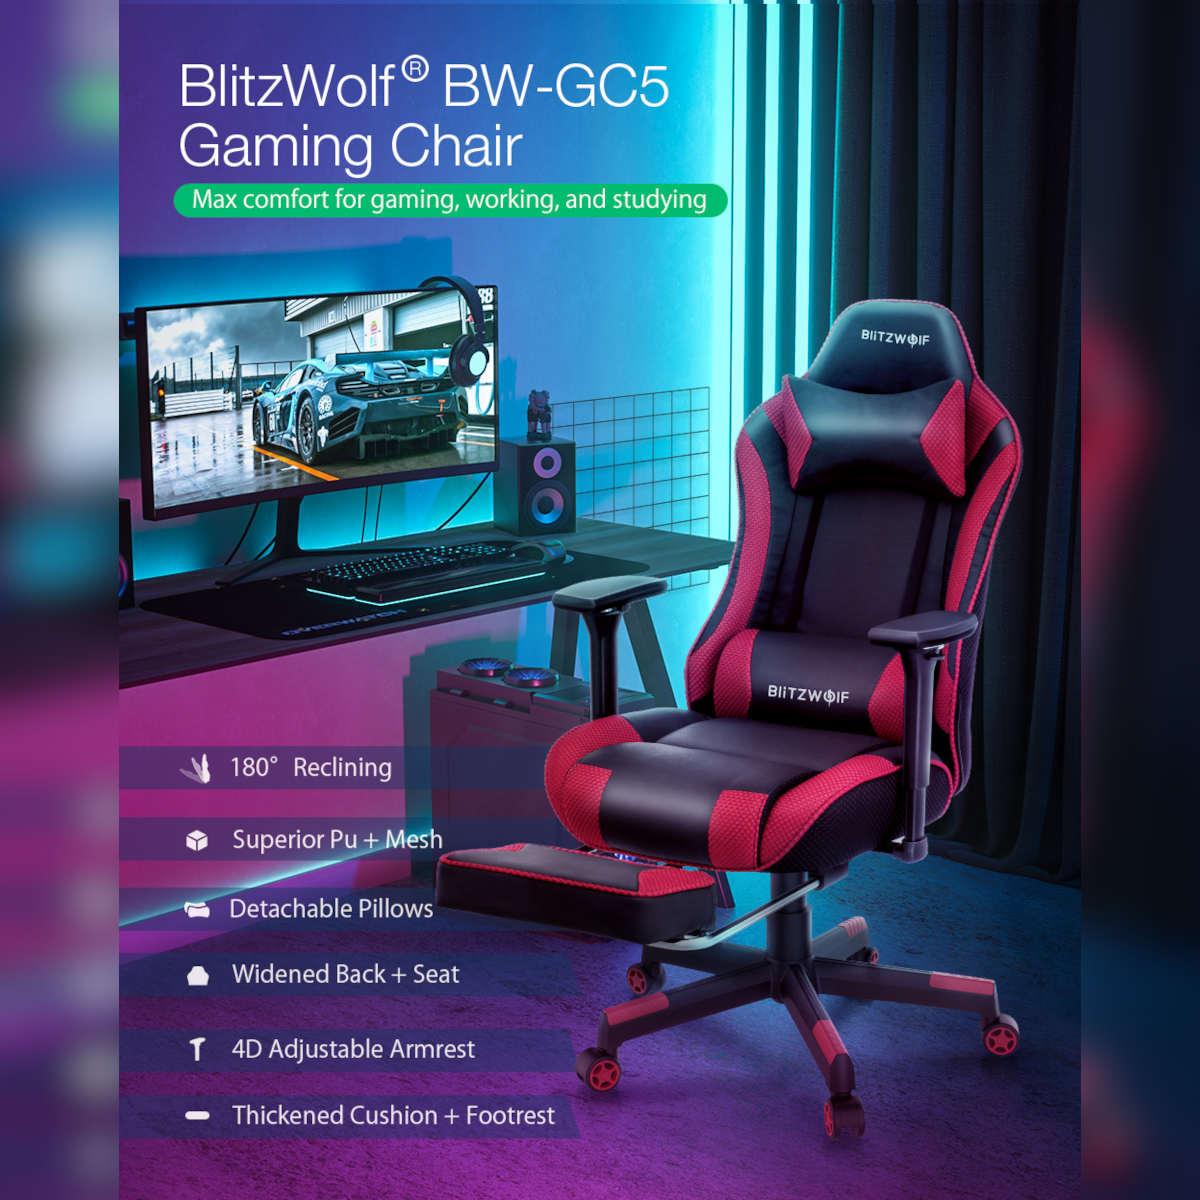 blitzwolf sedia gaming offerta bw-gc5